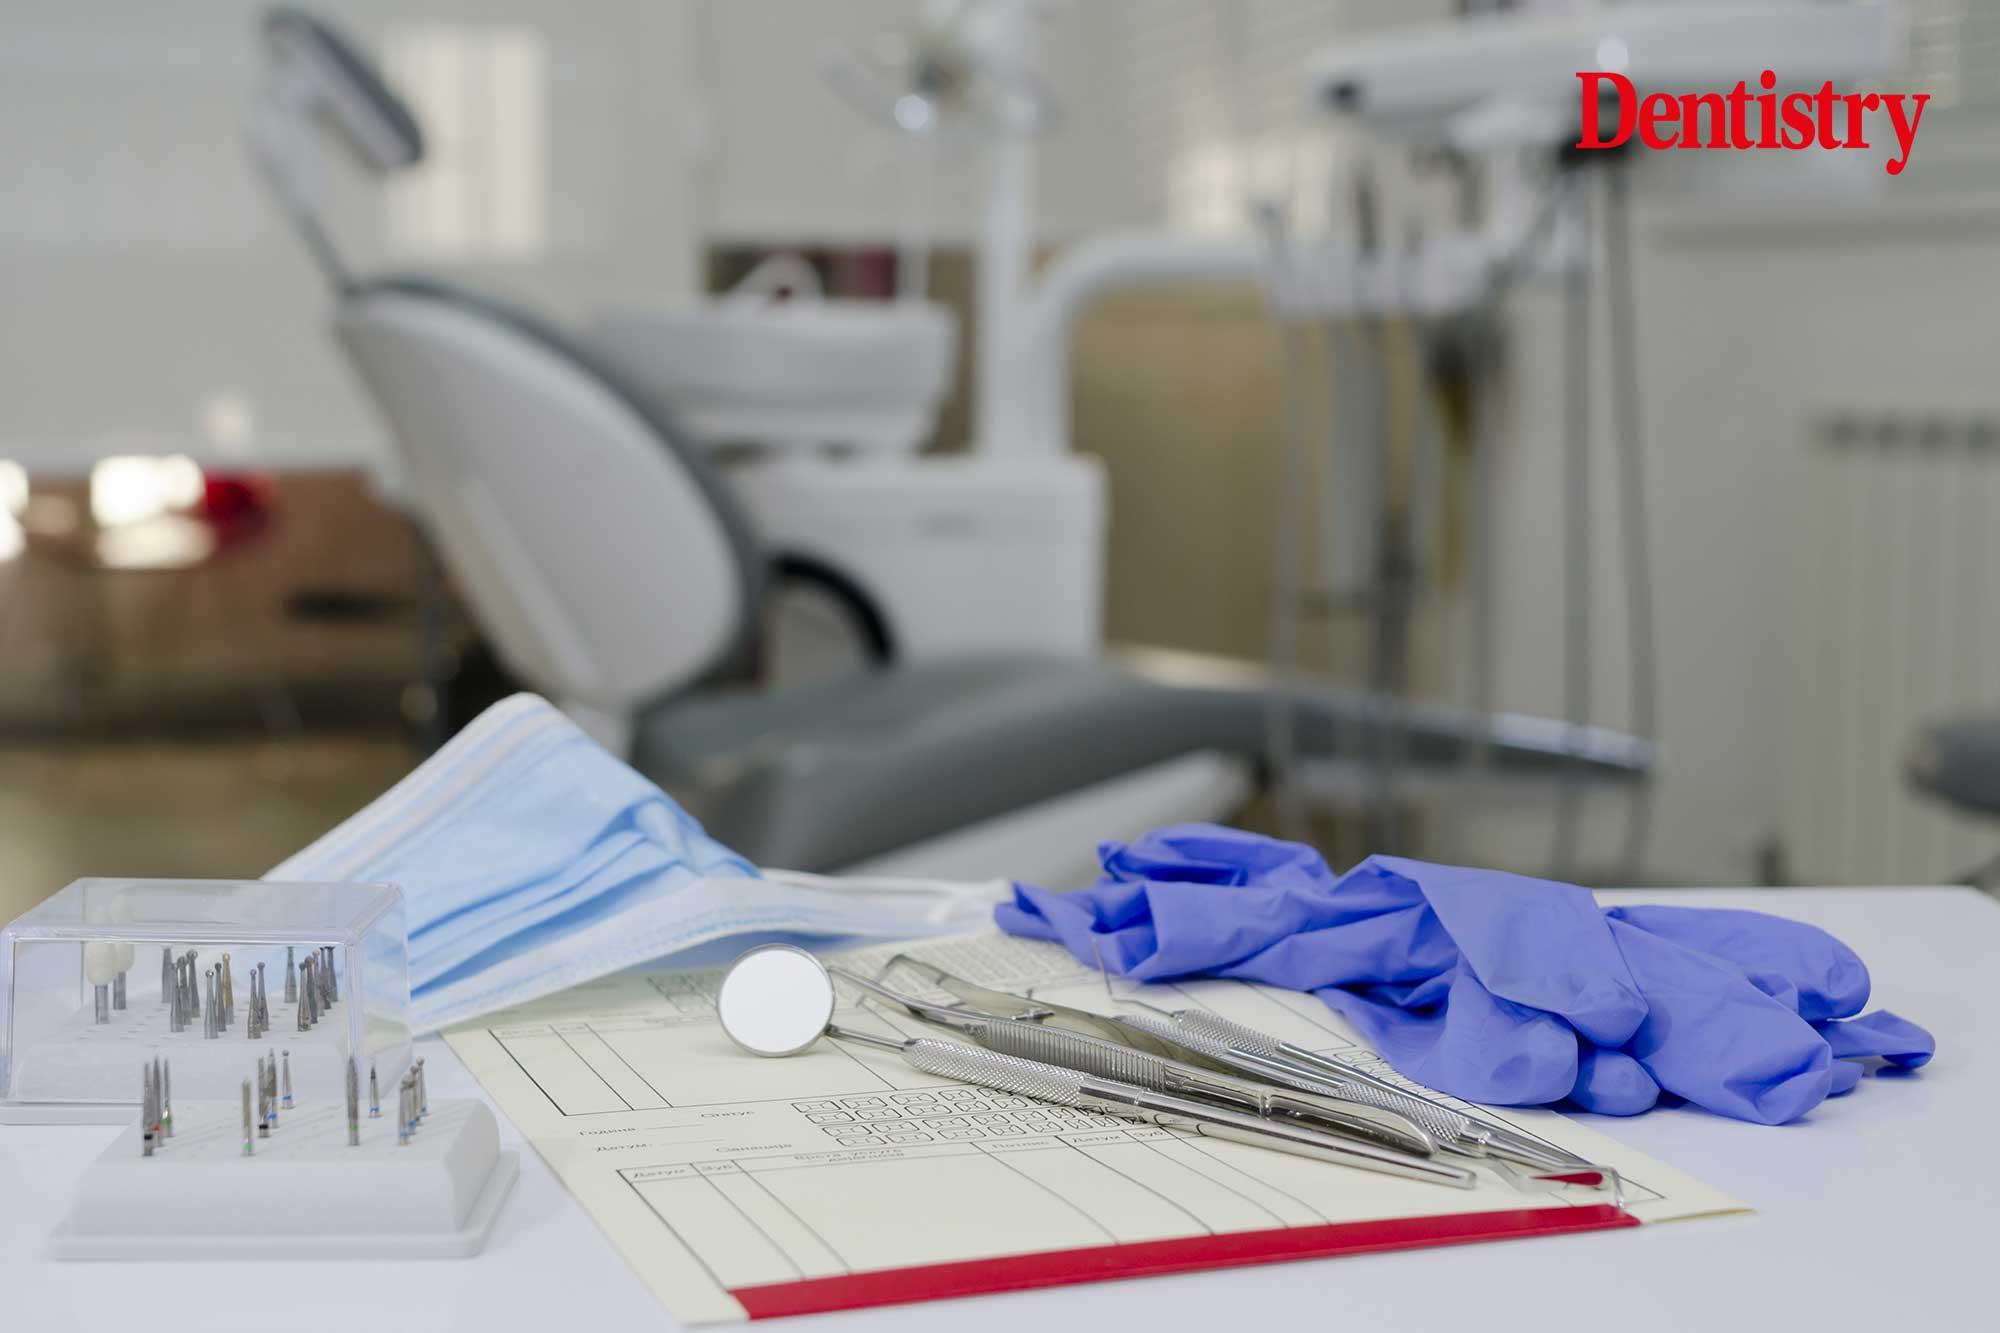 squat dental practice